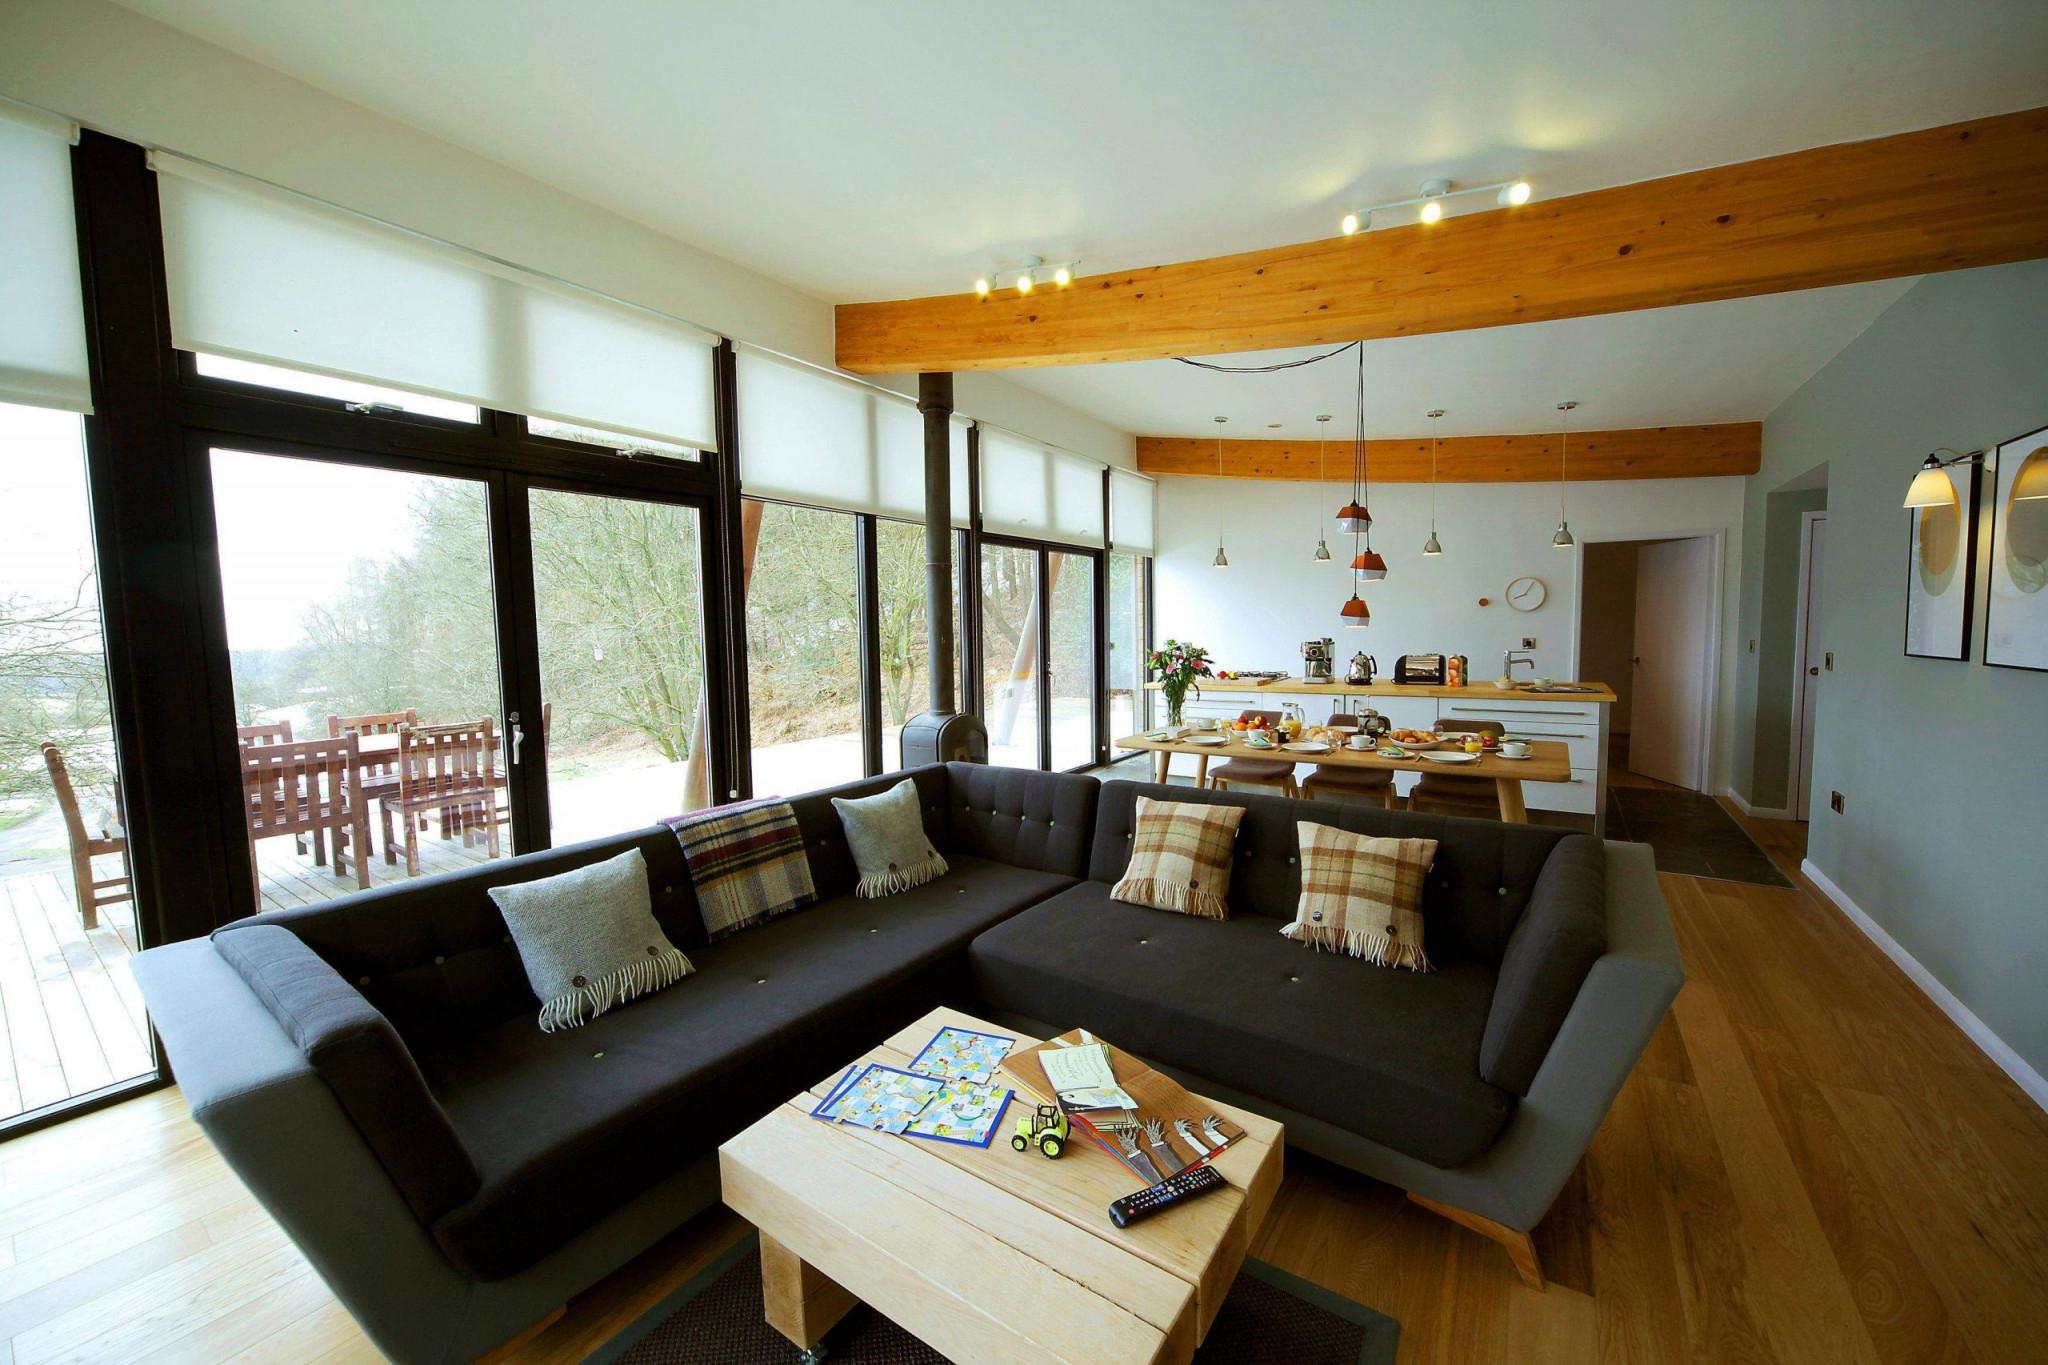 Fensterfront Wohnzimmer Neu Wohnzimmer Ideen Country Neu von Wohnzimmer Mit Fensterfront Einrichten Bild